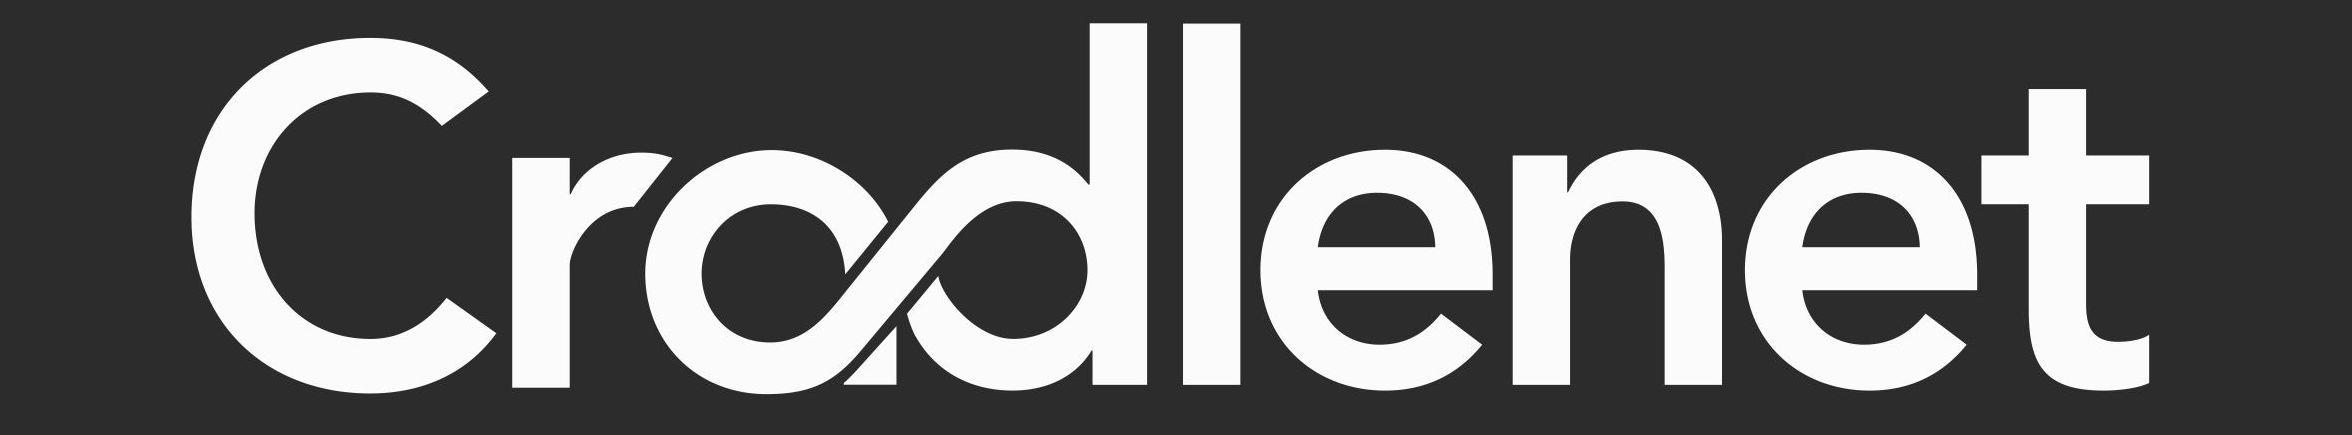 cradlenet_logo_vit-1.jpg